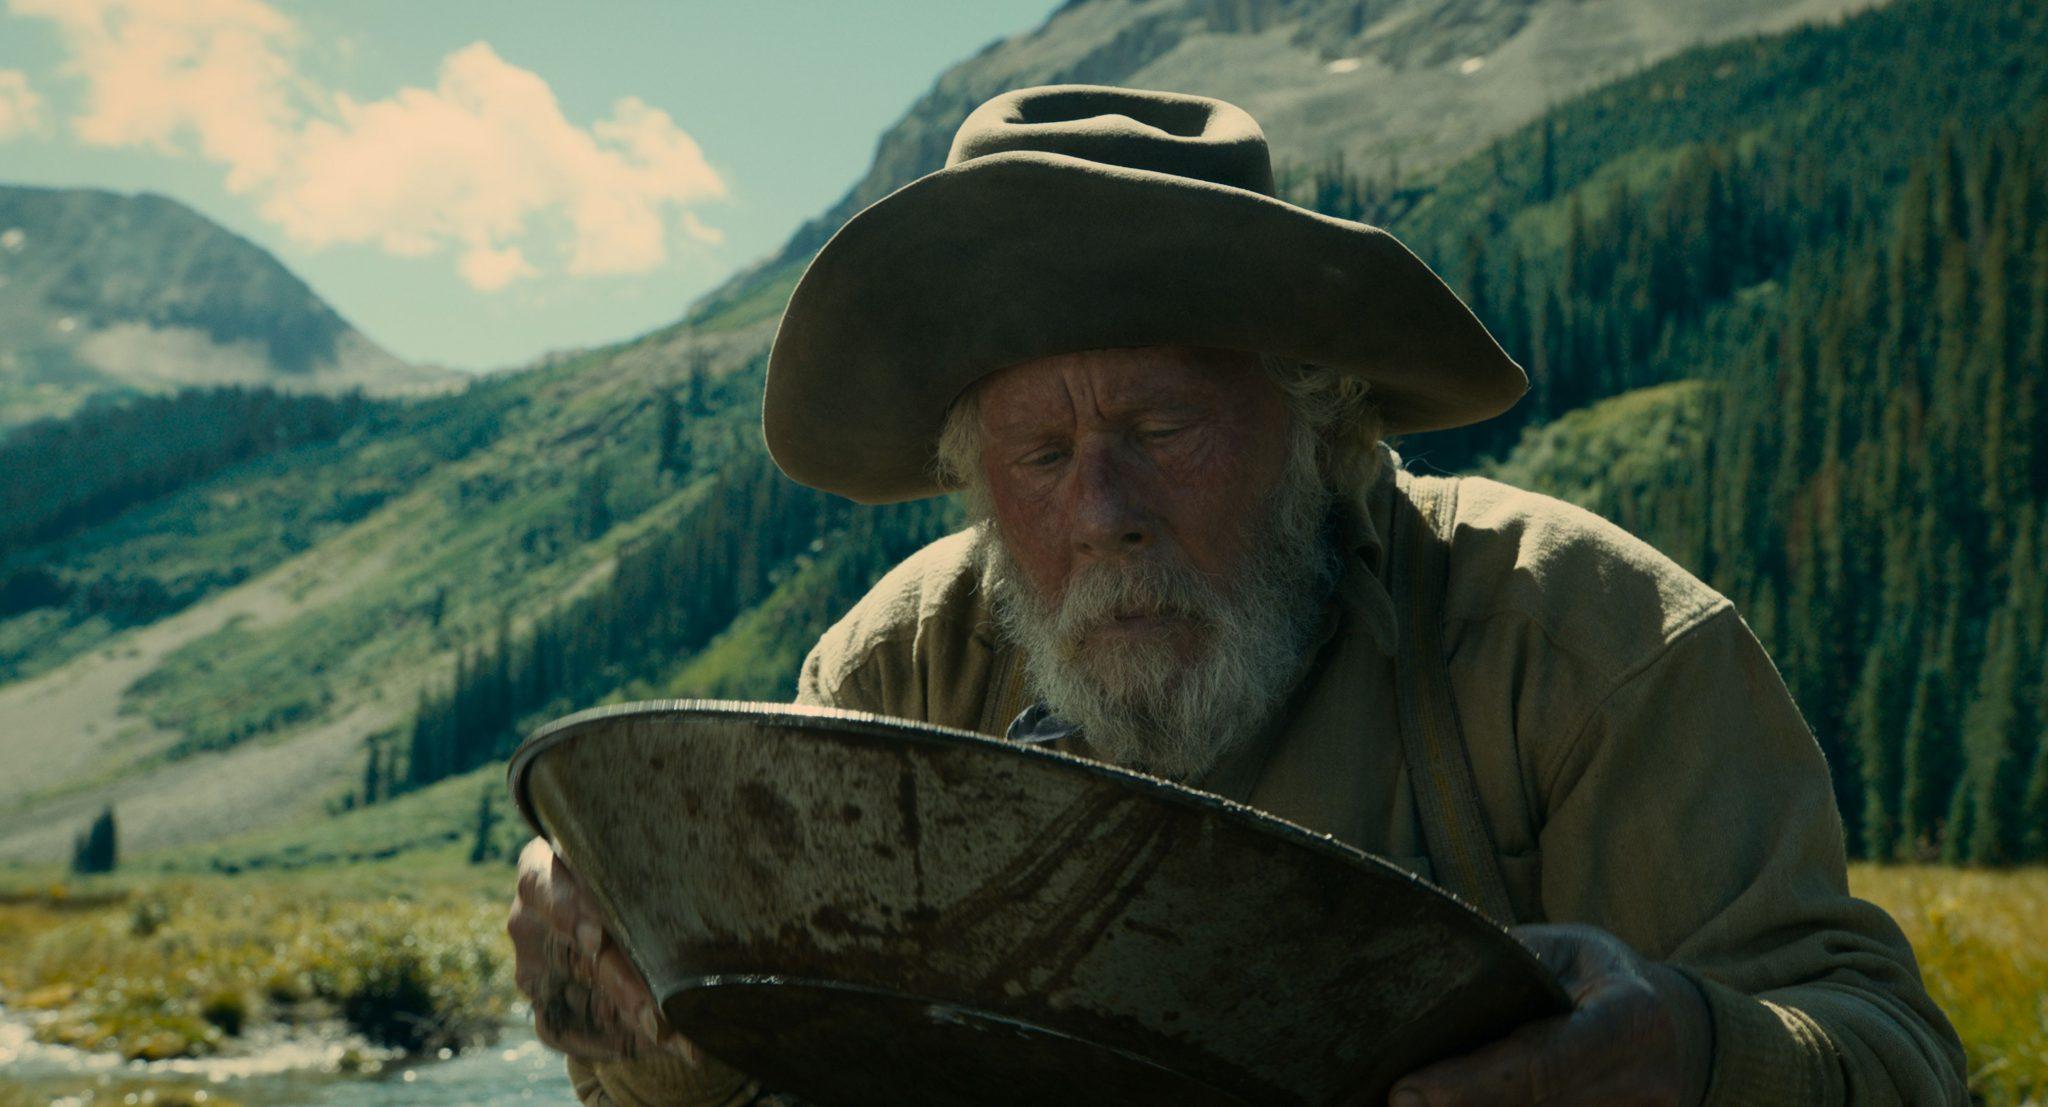 نقش آفرینی Tom Waits در فیلم تصنیف باستر اسکروگز اثر برادران کوئن